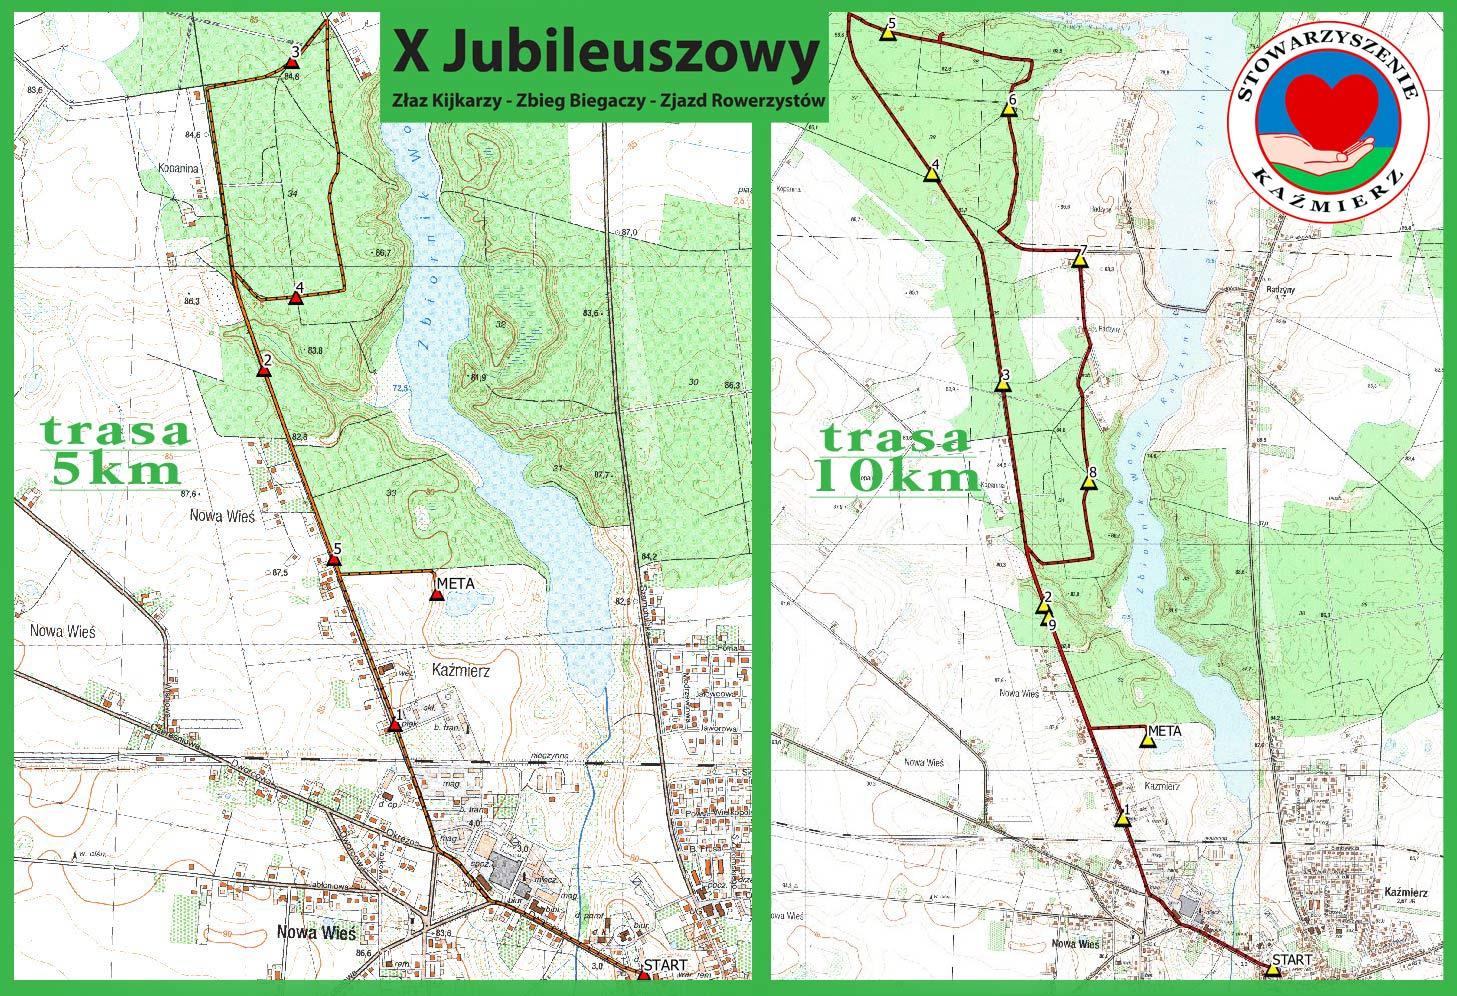 Stowarzyszenie KAŹMIERZ zaprasza na X Jubileuszowy Złaz Kijkarzy, Zjazd Kolarzy, Zbieg Biegaczy